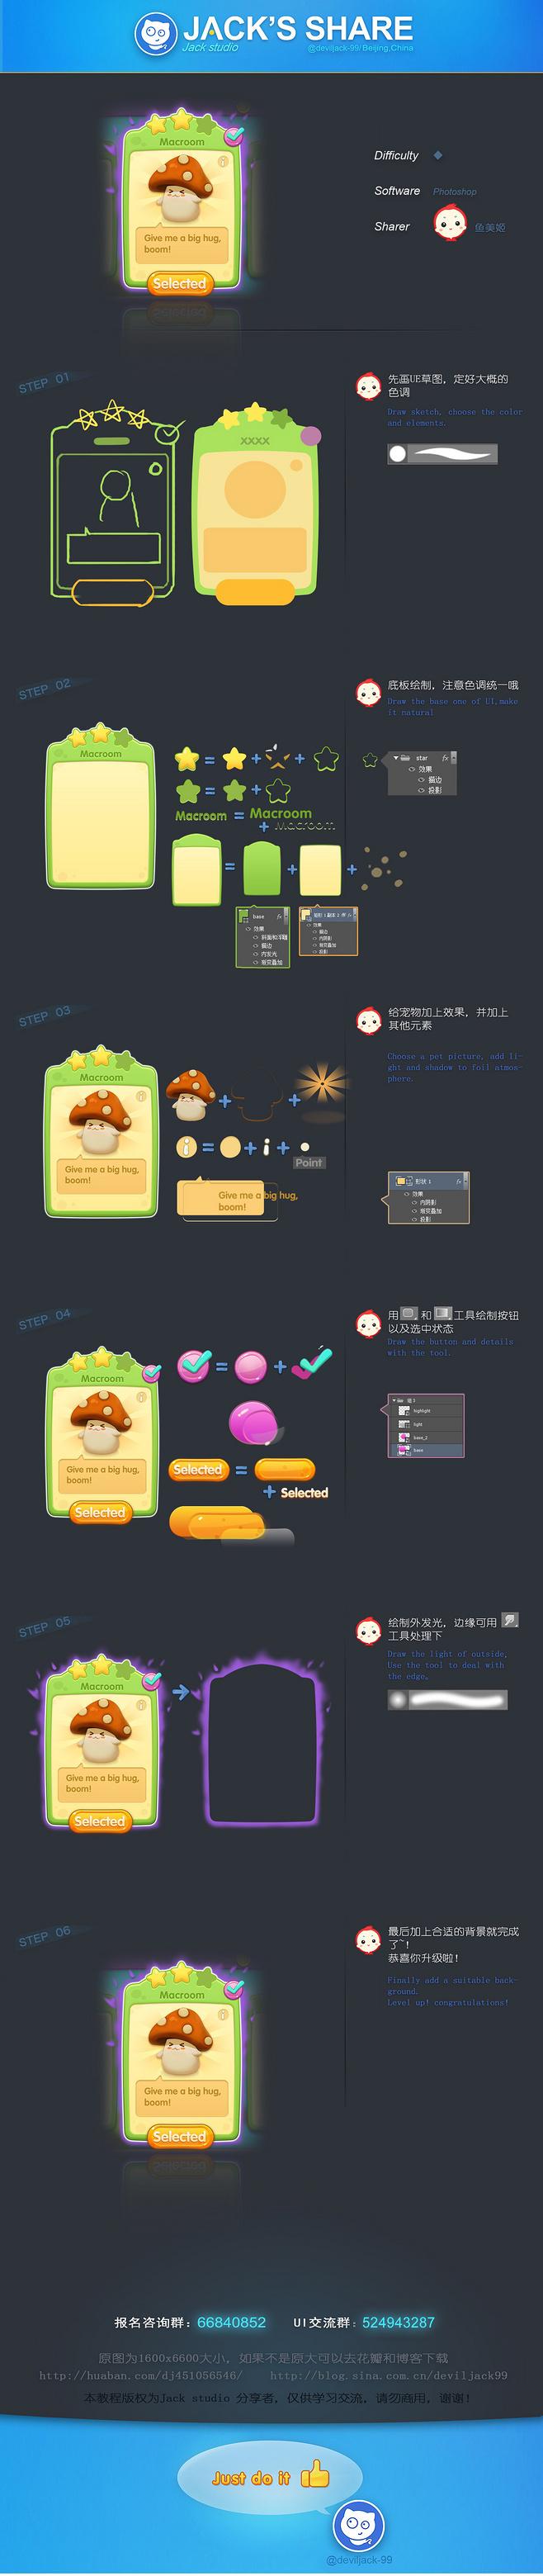 Game Website Design Tutorial